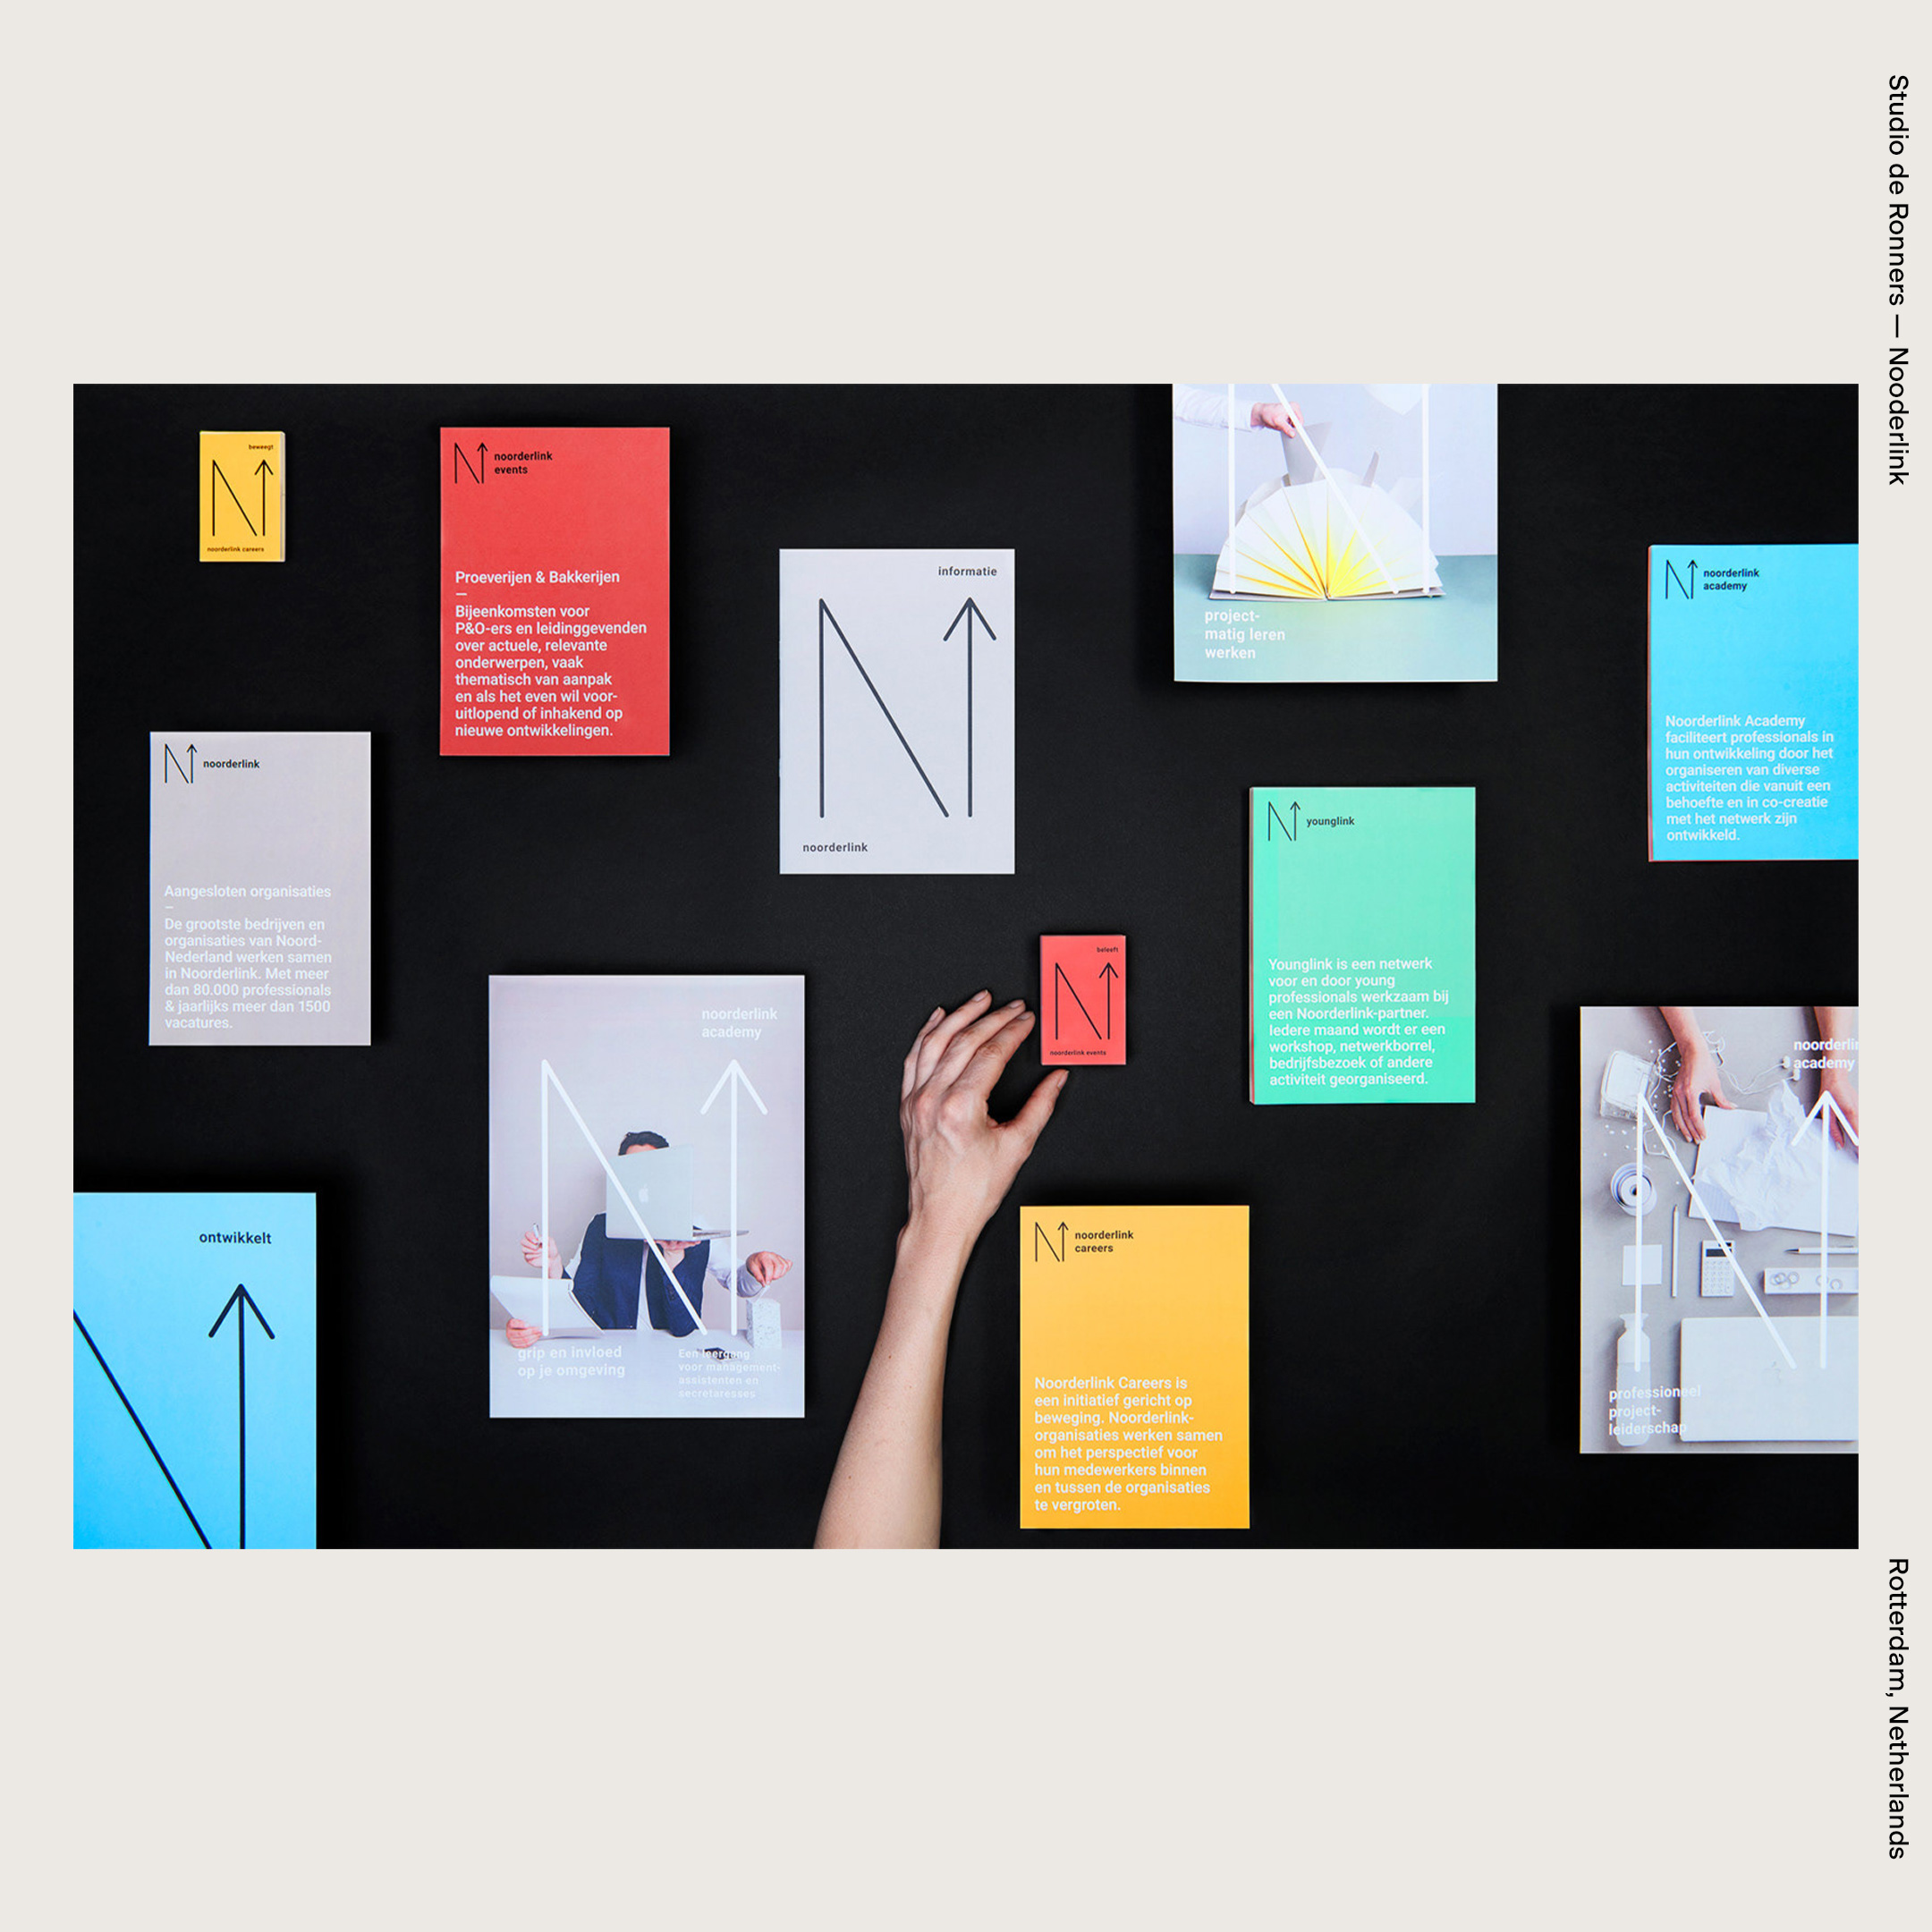 Studio de Ronners — Nooderlink